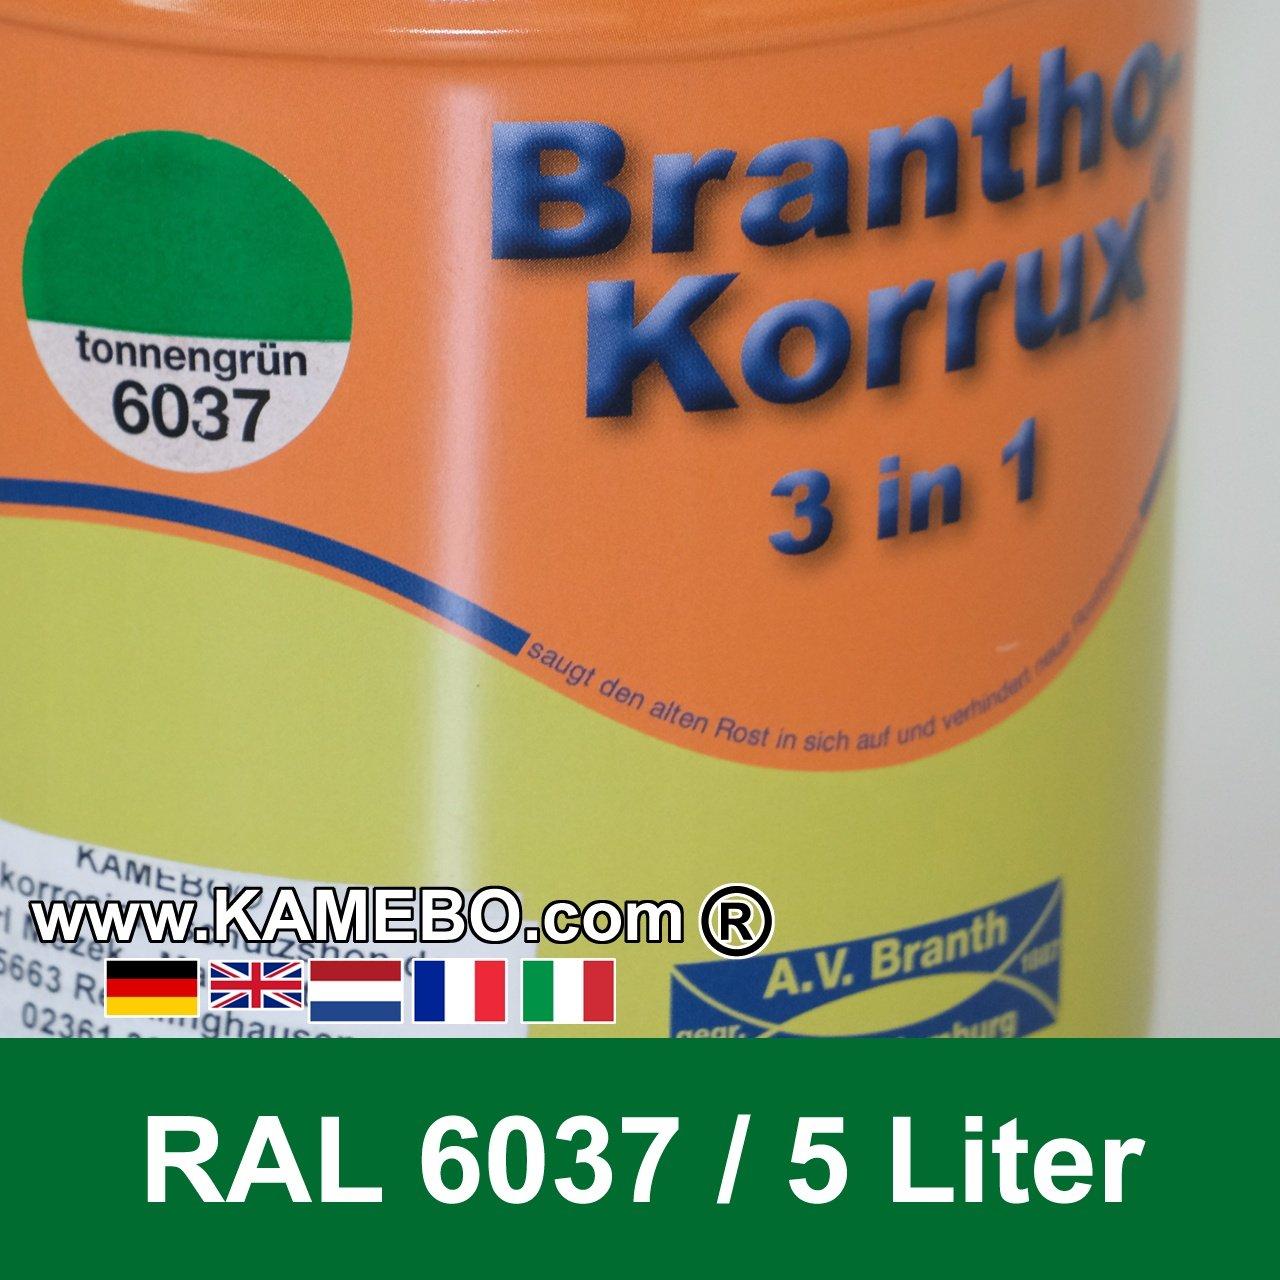 brantho korrux 3in1 rostschutzlack ral 6037 tonnengr n 5 liter. Black Bedroom Furniture Sets. Home Design Ideas